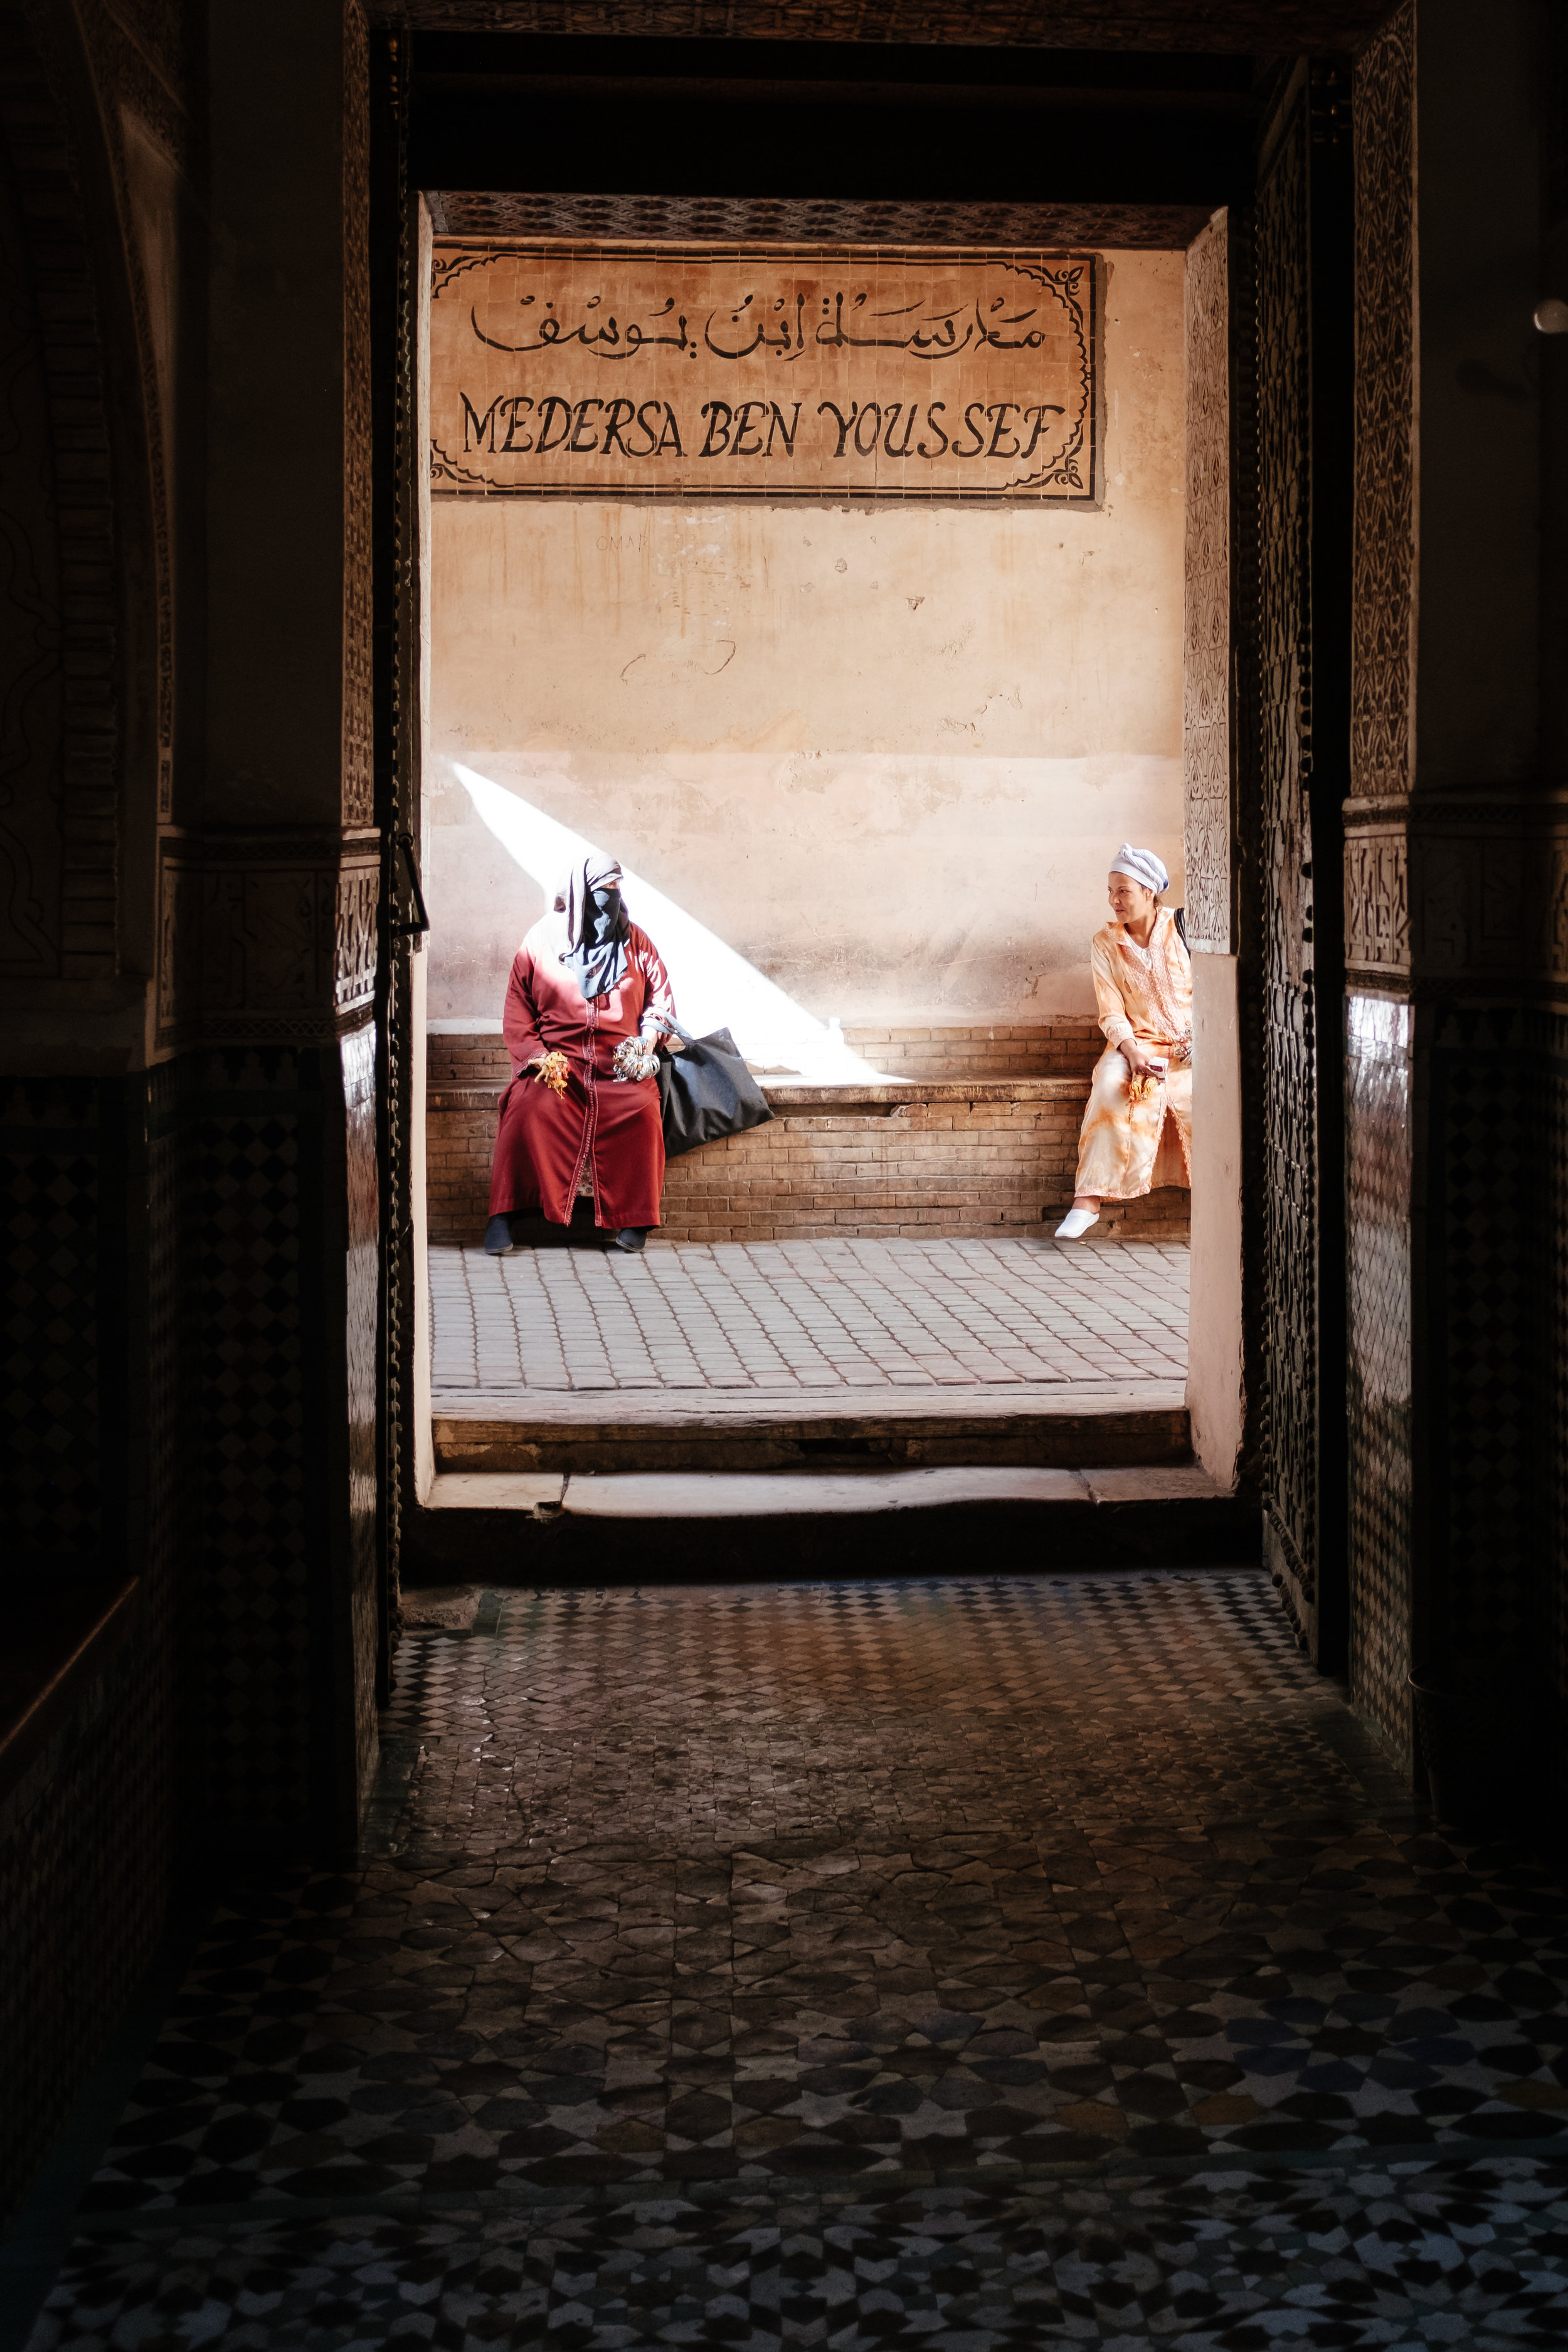 Marrakesh_BenYoussefMosque2.jpg